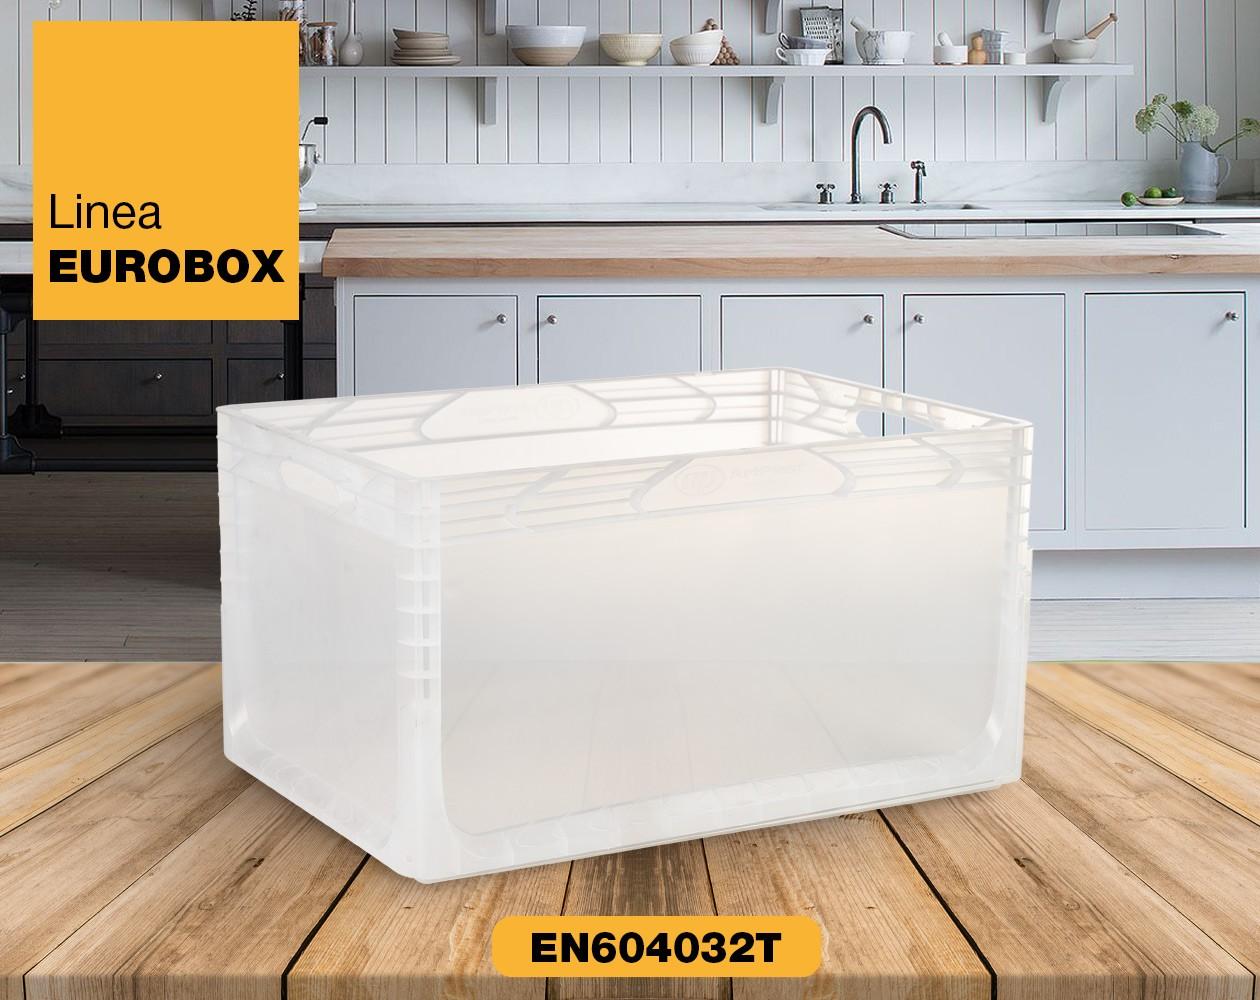 Contenitore in plastica per alimenti EUROBOX EN604032T